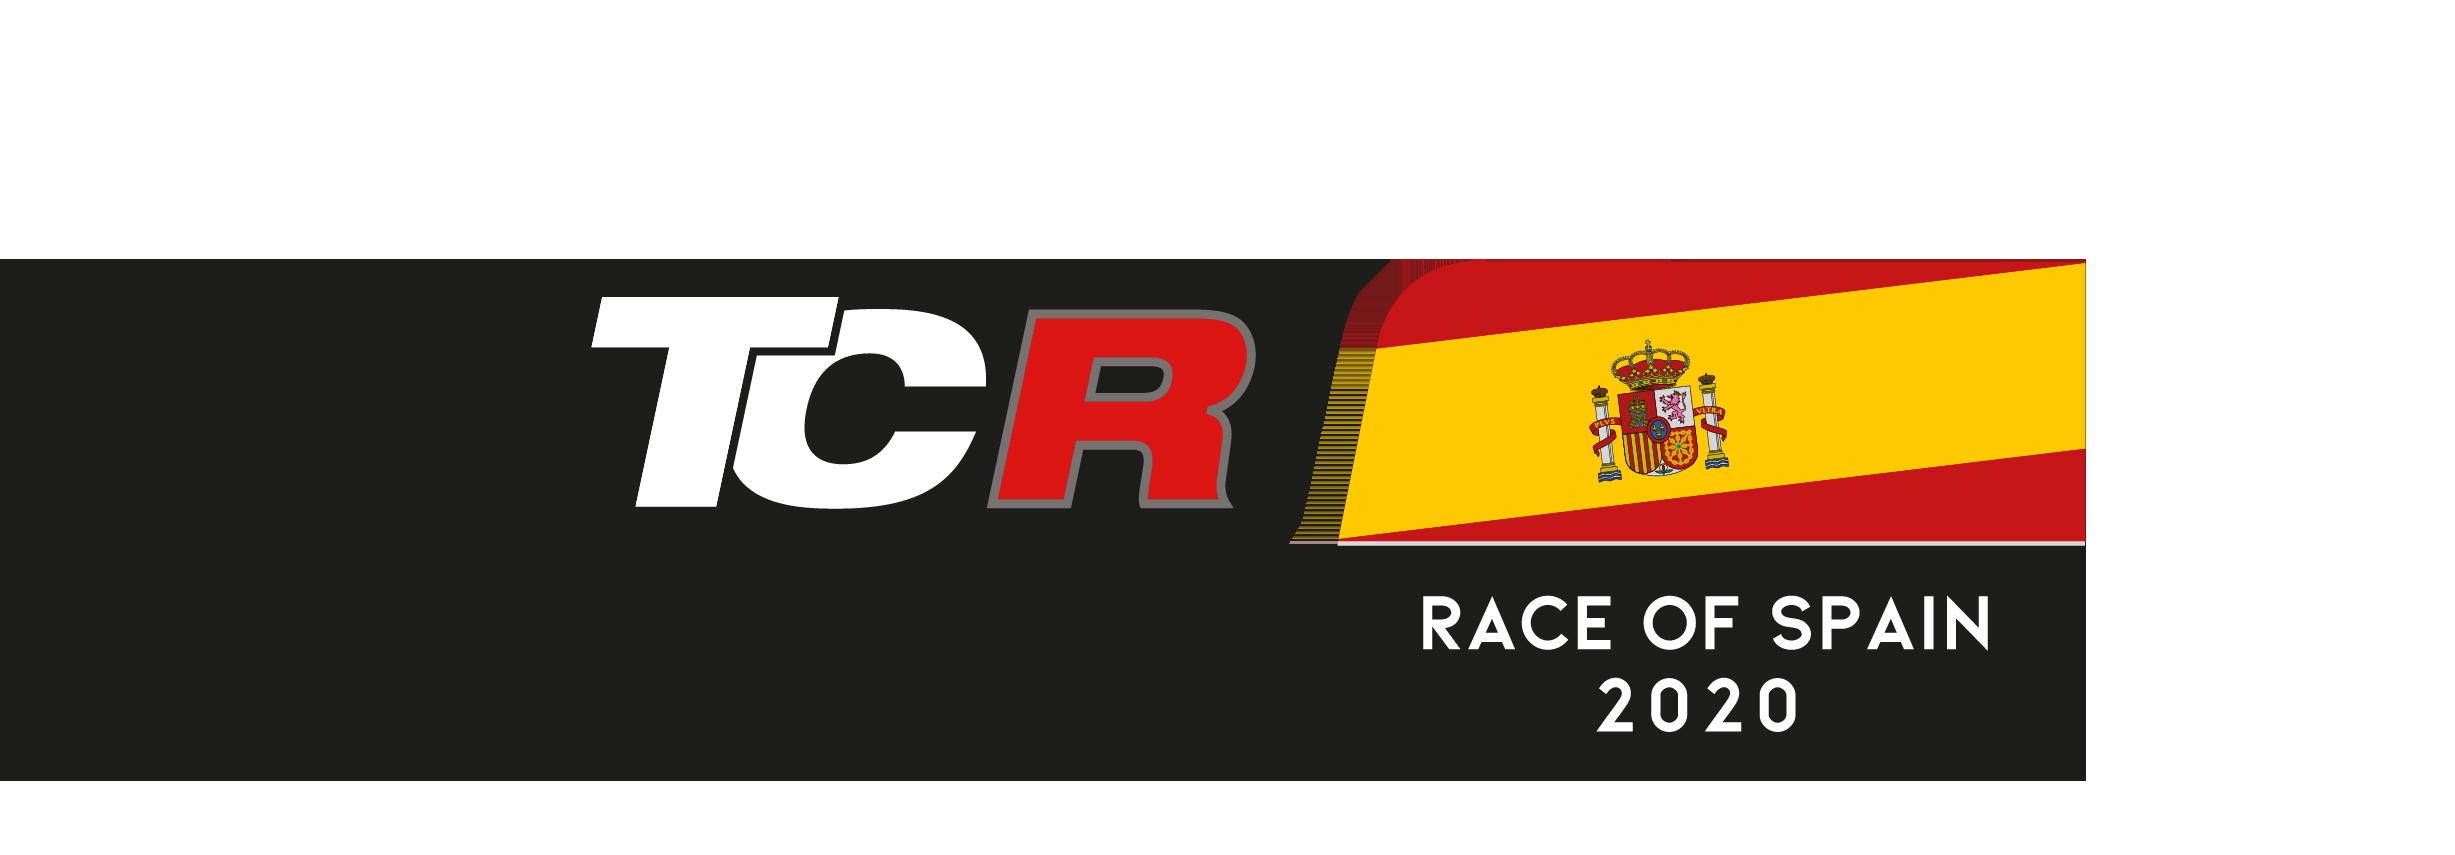 Race of Spain